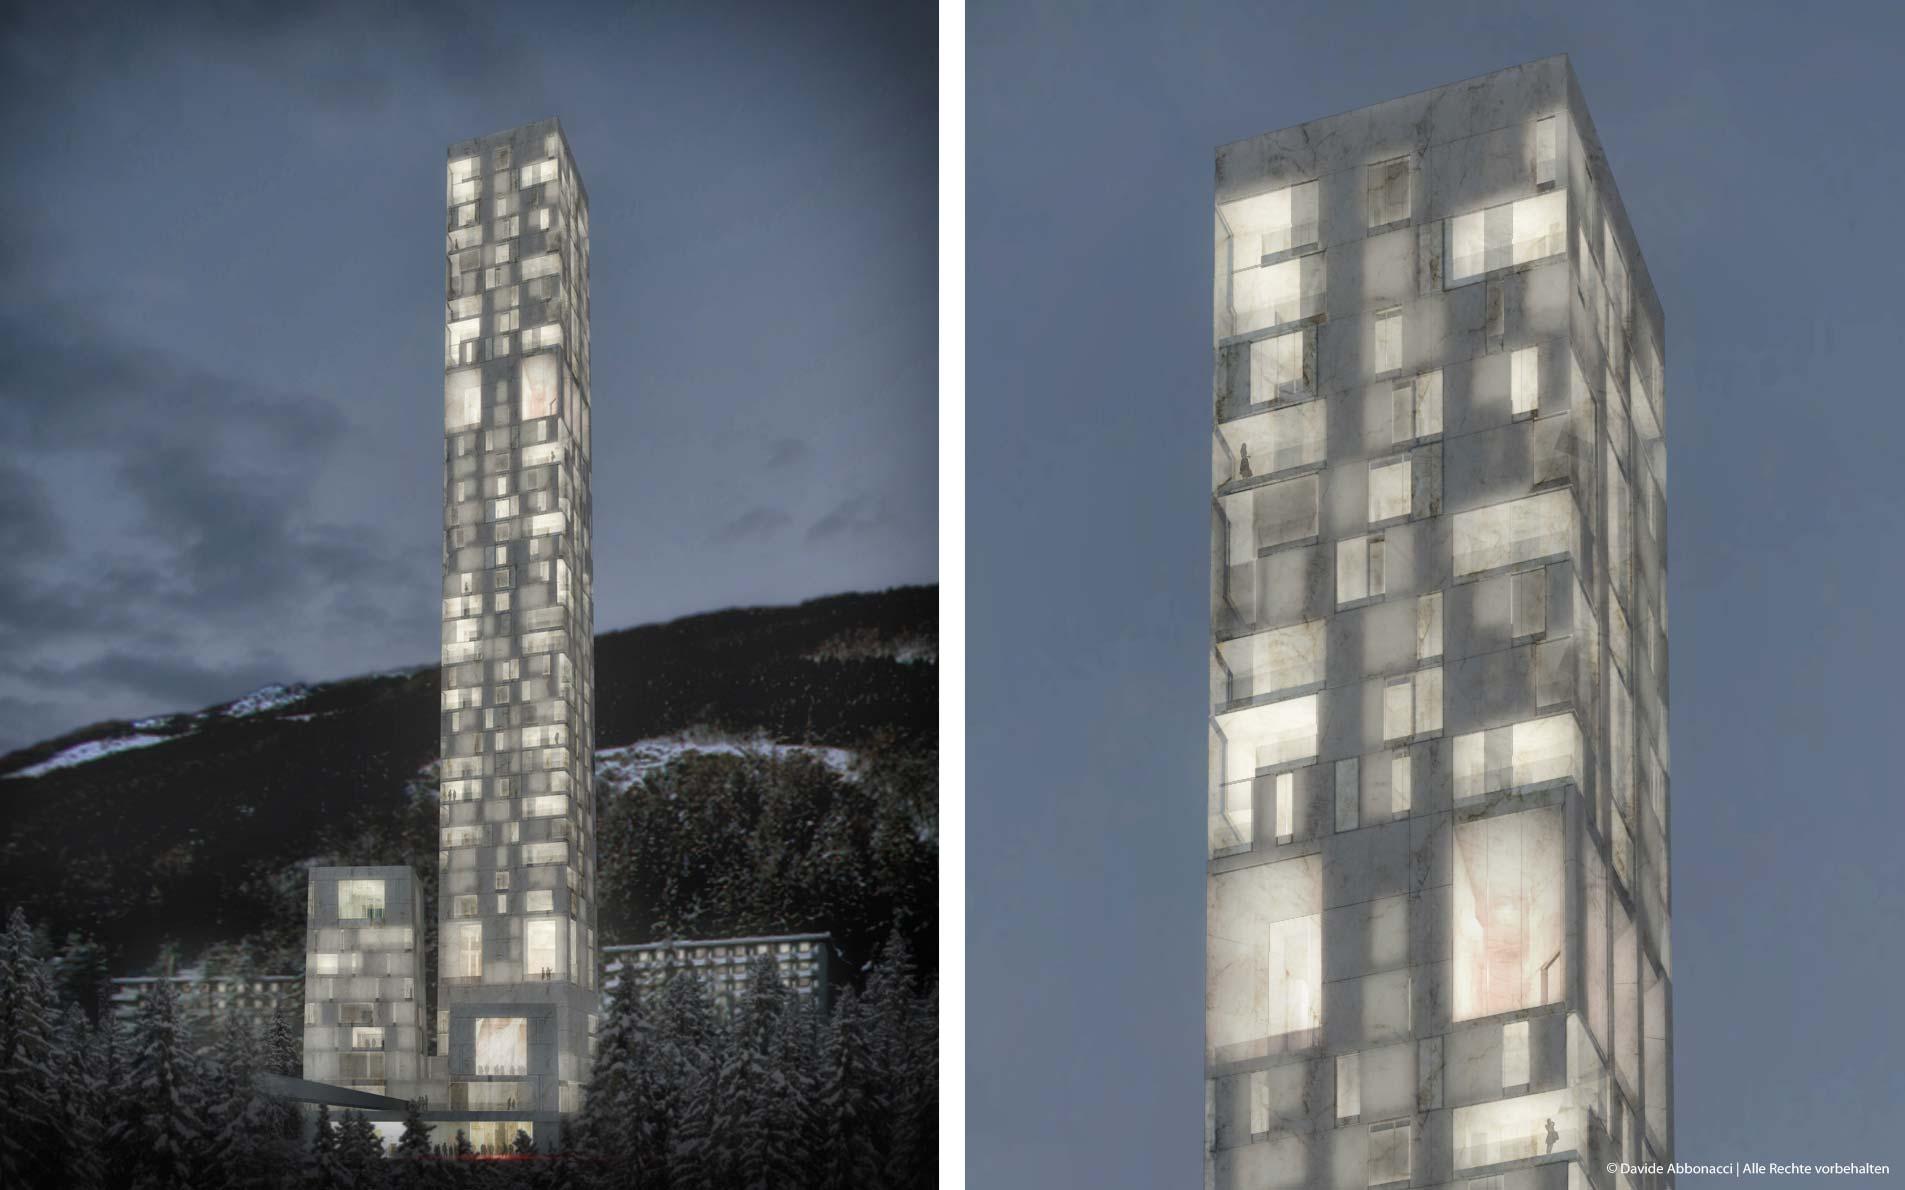 7132 Hotel Therme in Vals, Schweiz | Max Dudler Architekt | 2014 Wettbewerbsvisualisierung